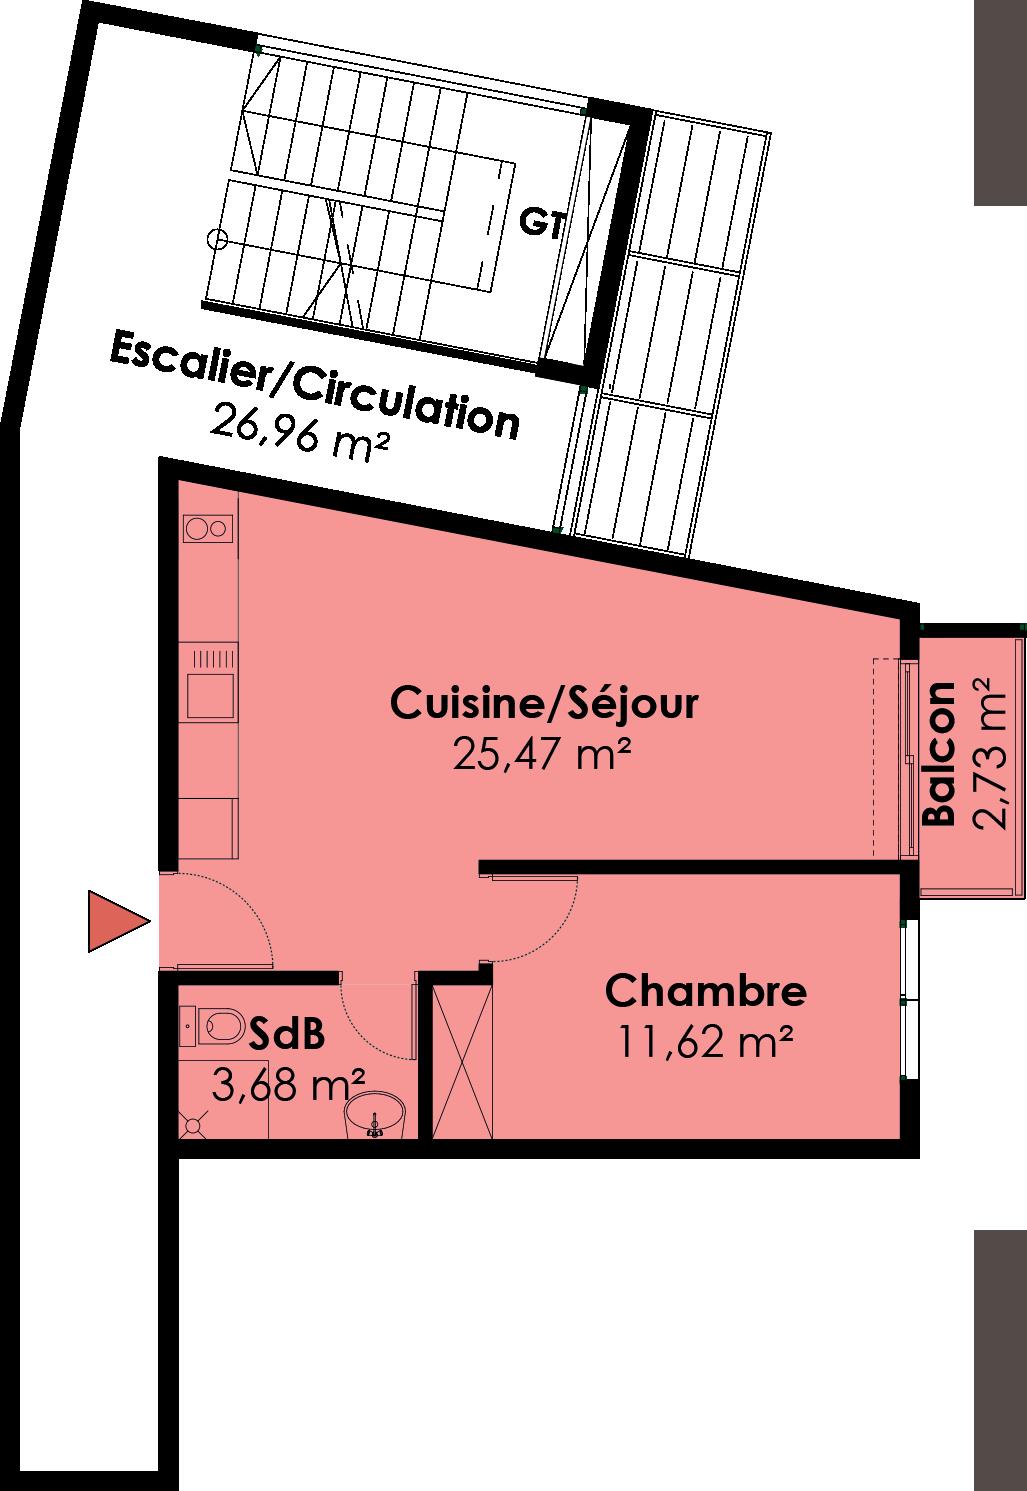 plan-T2a-detail